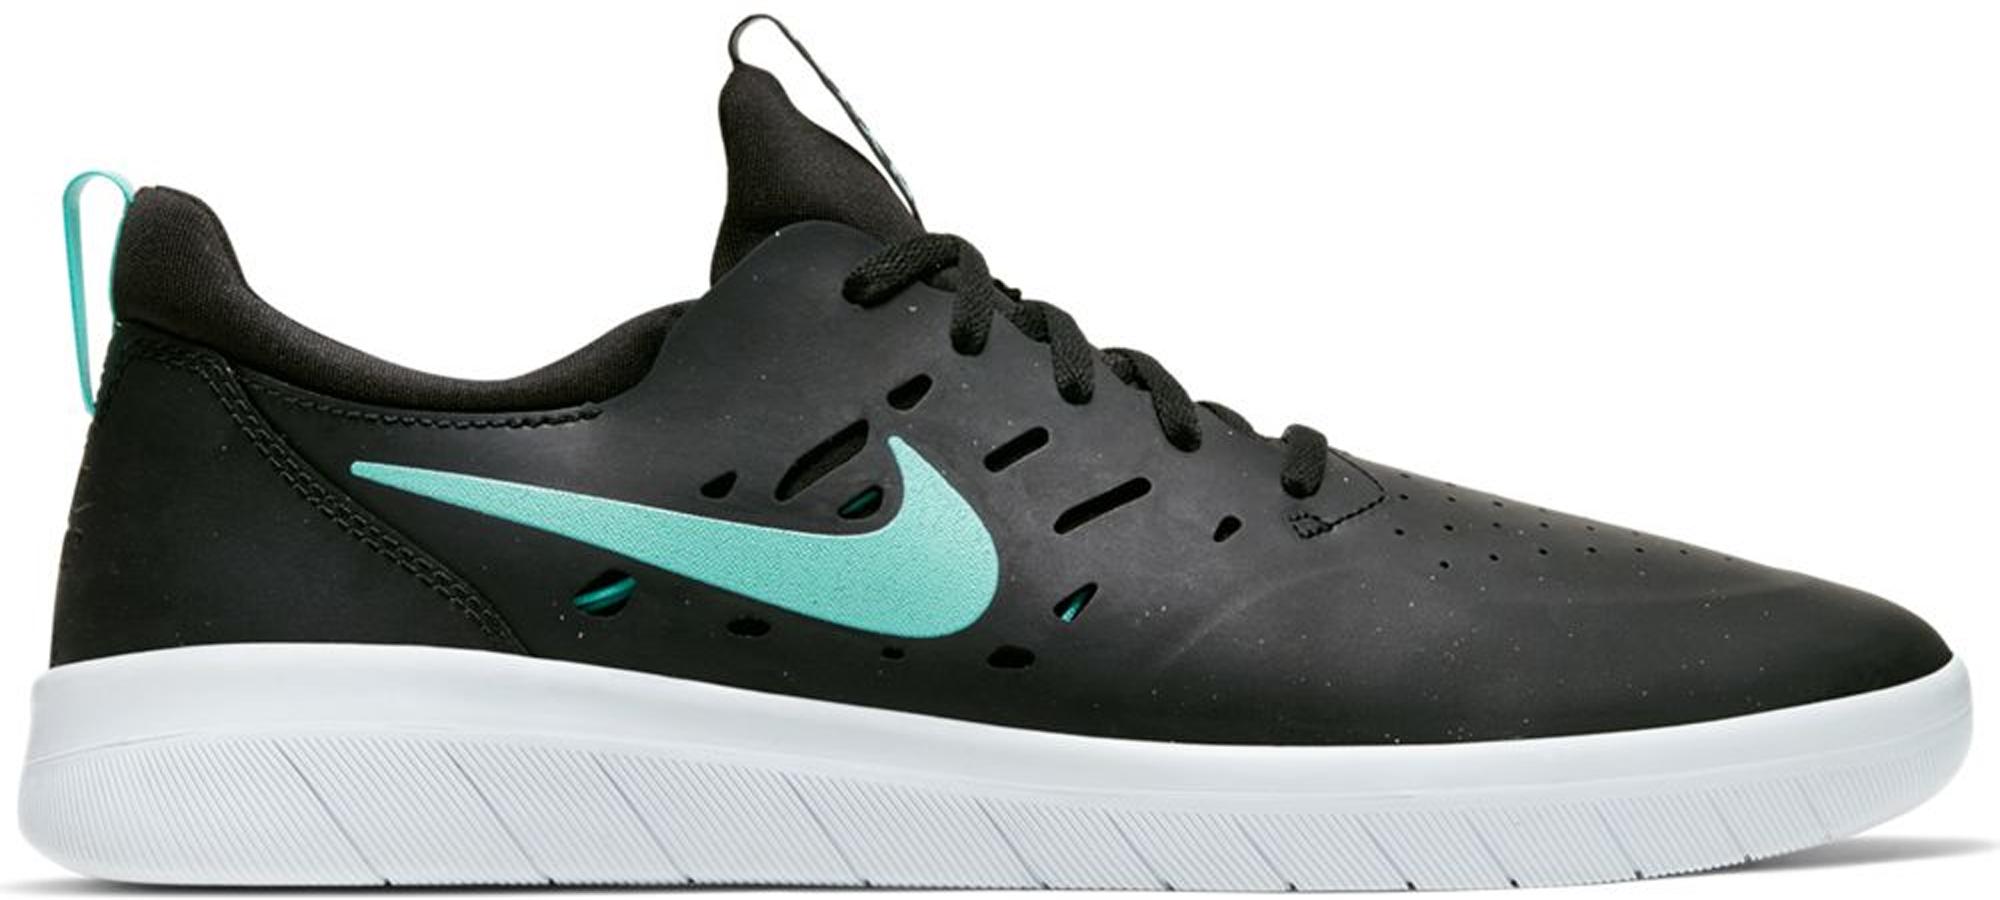 Nike SB Nyjah Free Black Tropical Twist